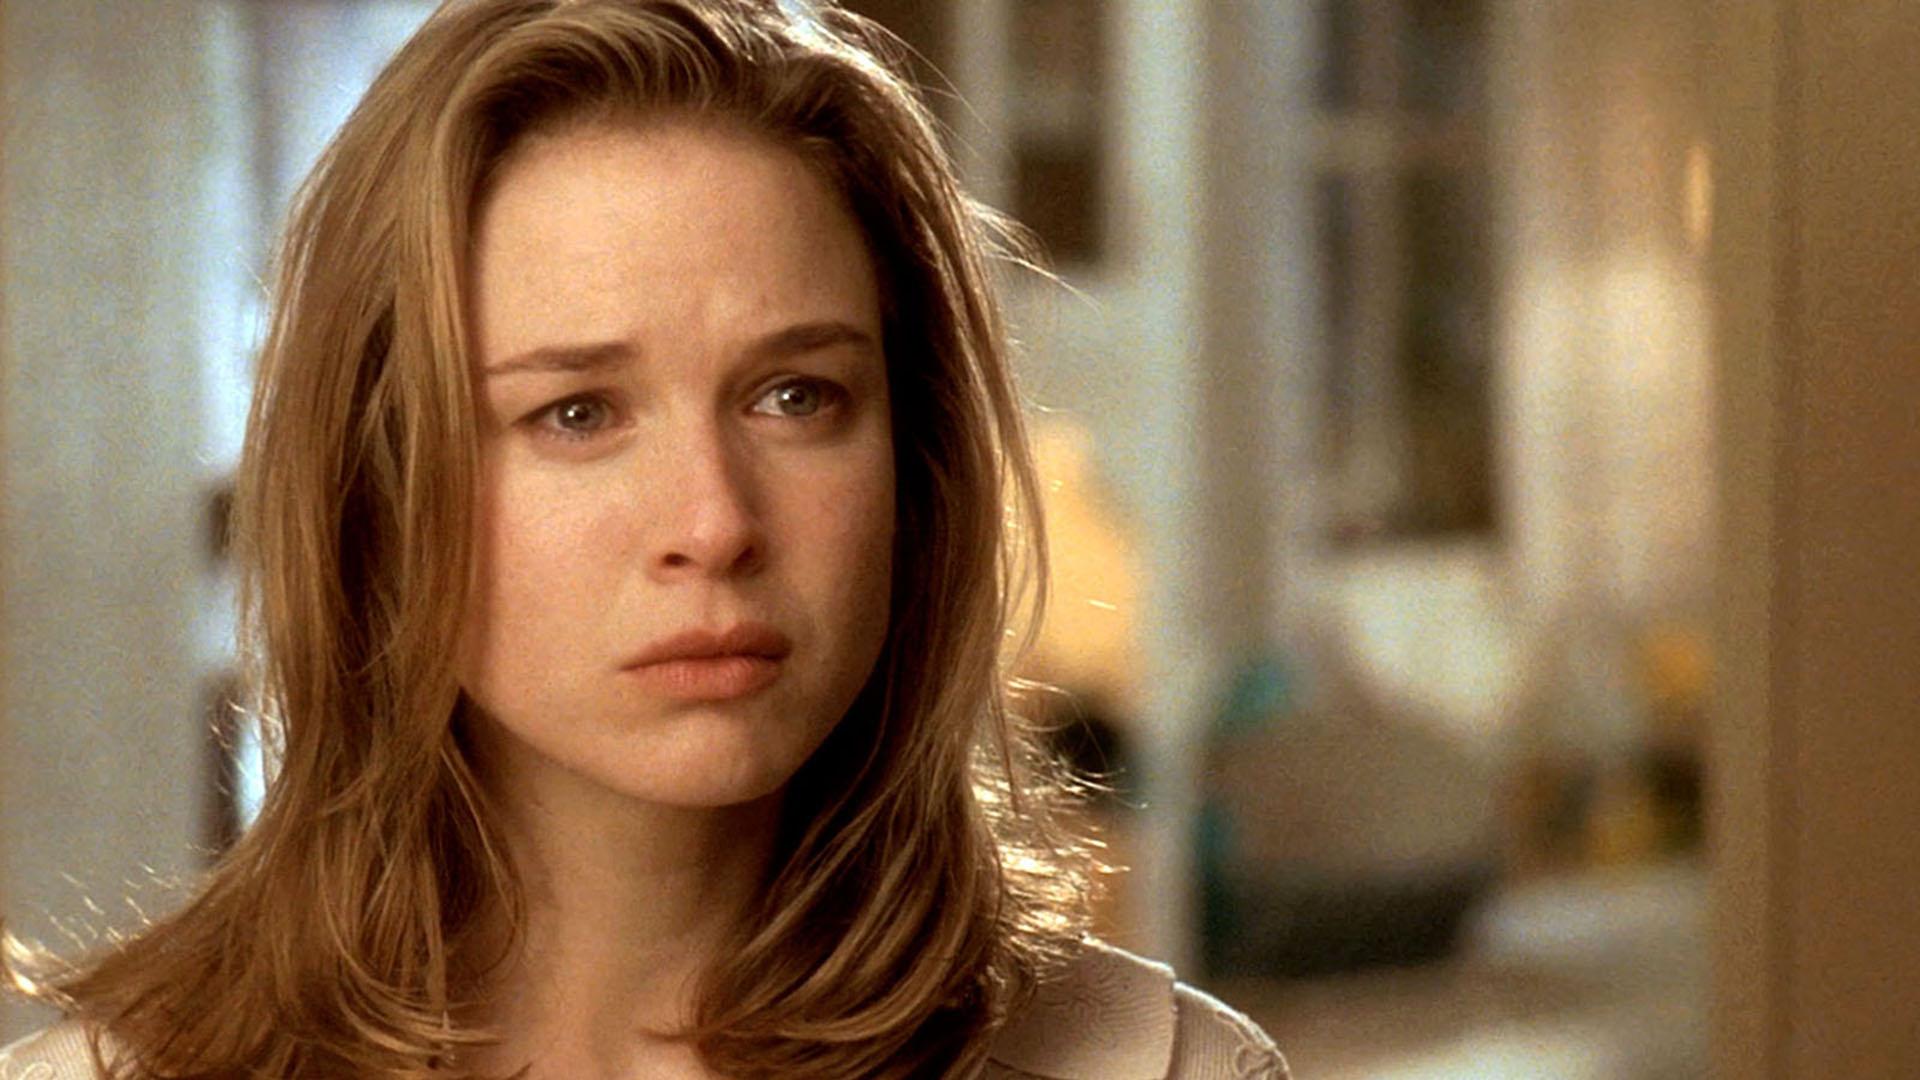 """Renée Zellweger en una escena de """"Jerry Maguire"""" (1996), la película que la hizo popular y la llevó al estrellato. La producción fue un éxito rotundo en la taquilla, y la actriz obtuvo grandes elogios de la crítica"""